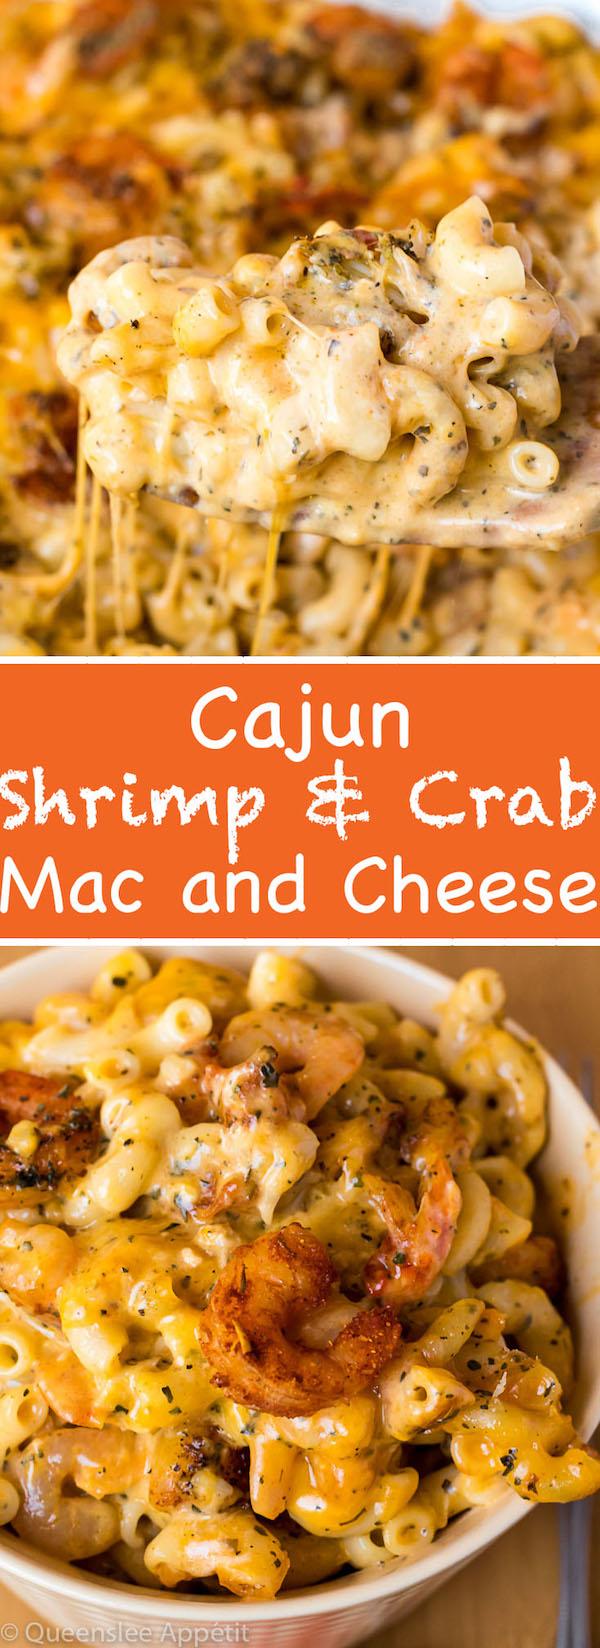 Cajun Shrimp and Crab Mac and Cheese ~ Recipe | Queenslee Appétit